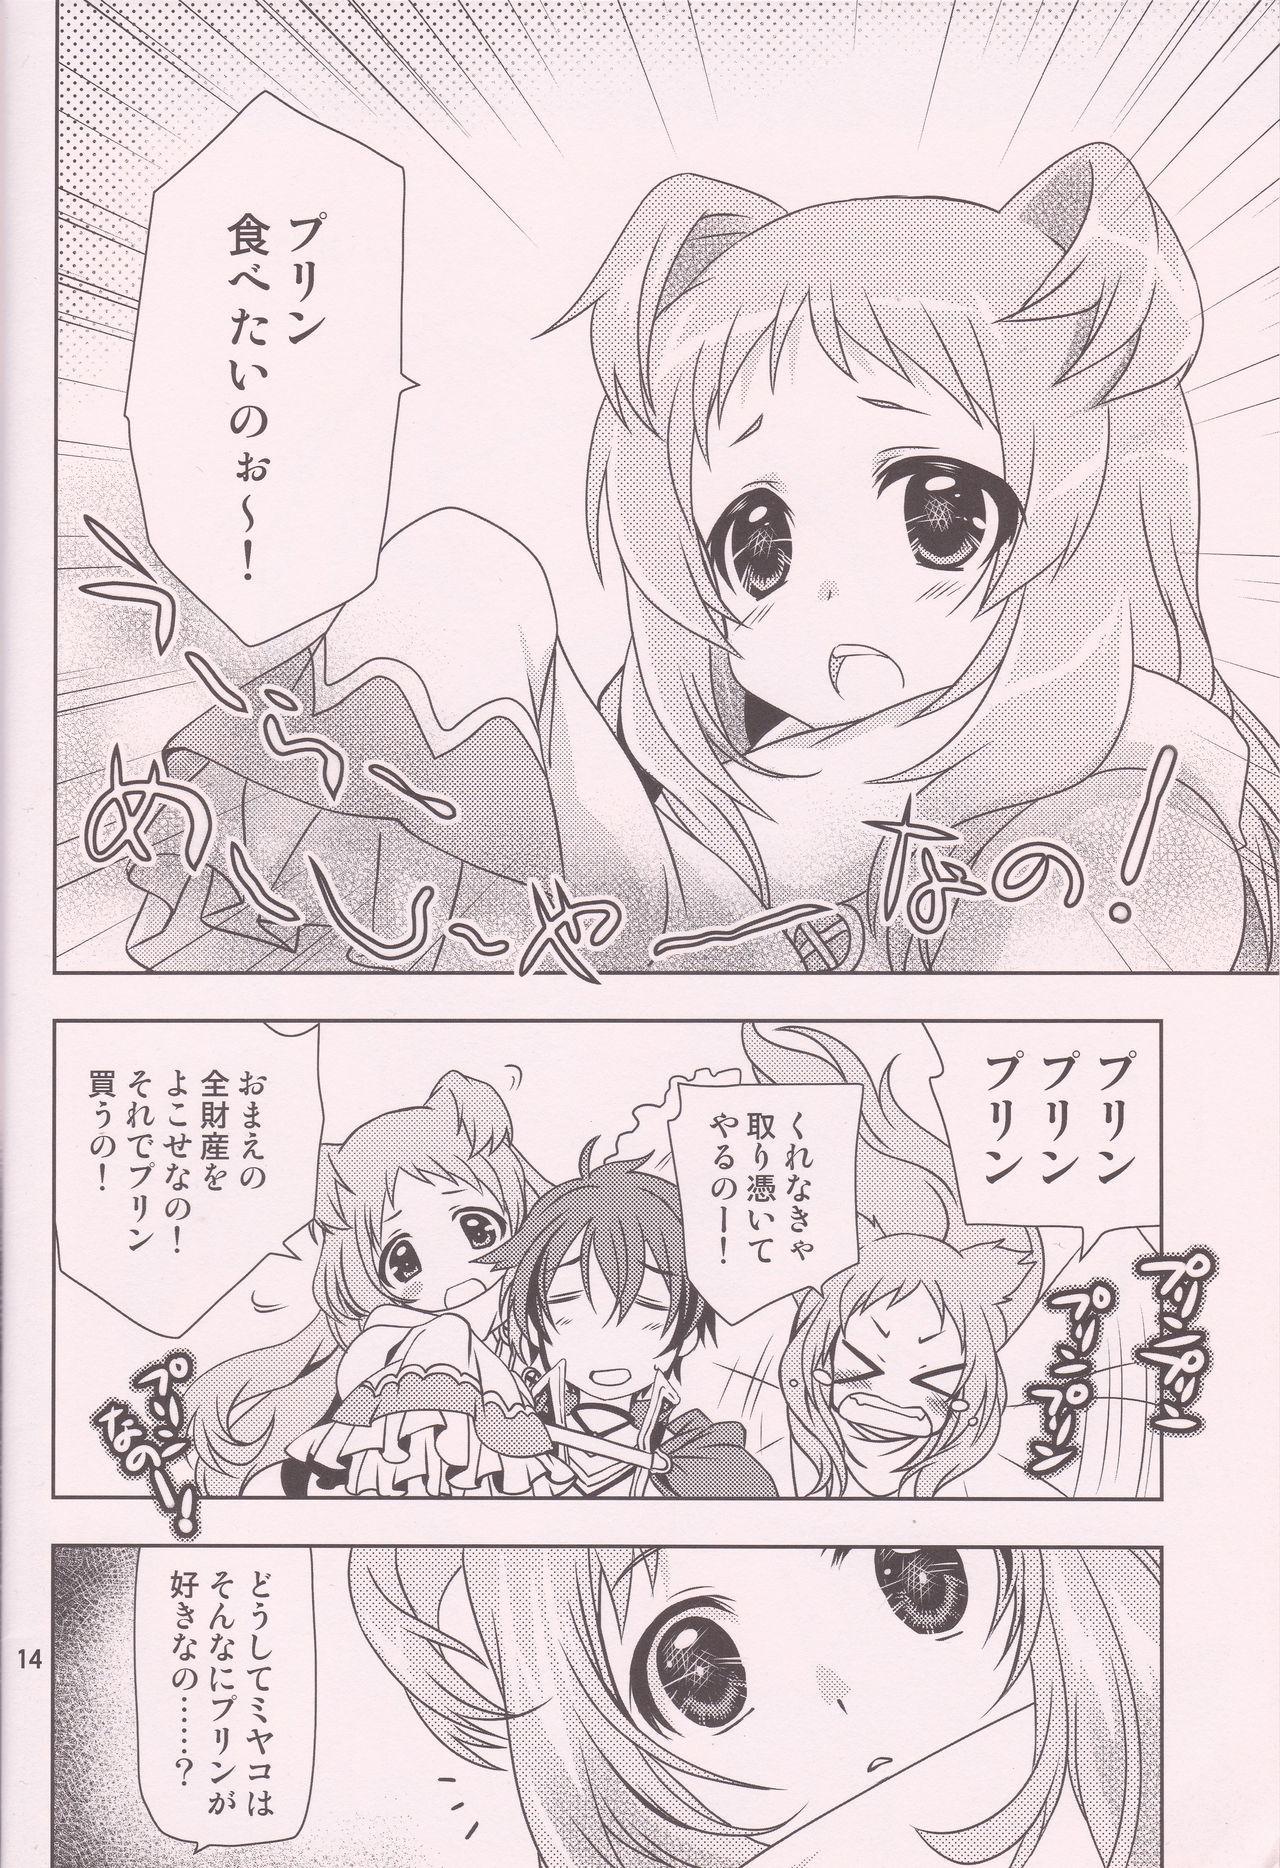 Aruji-sama ni Naisho no Memory Piece 12